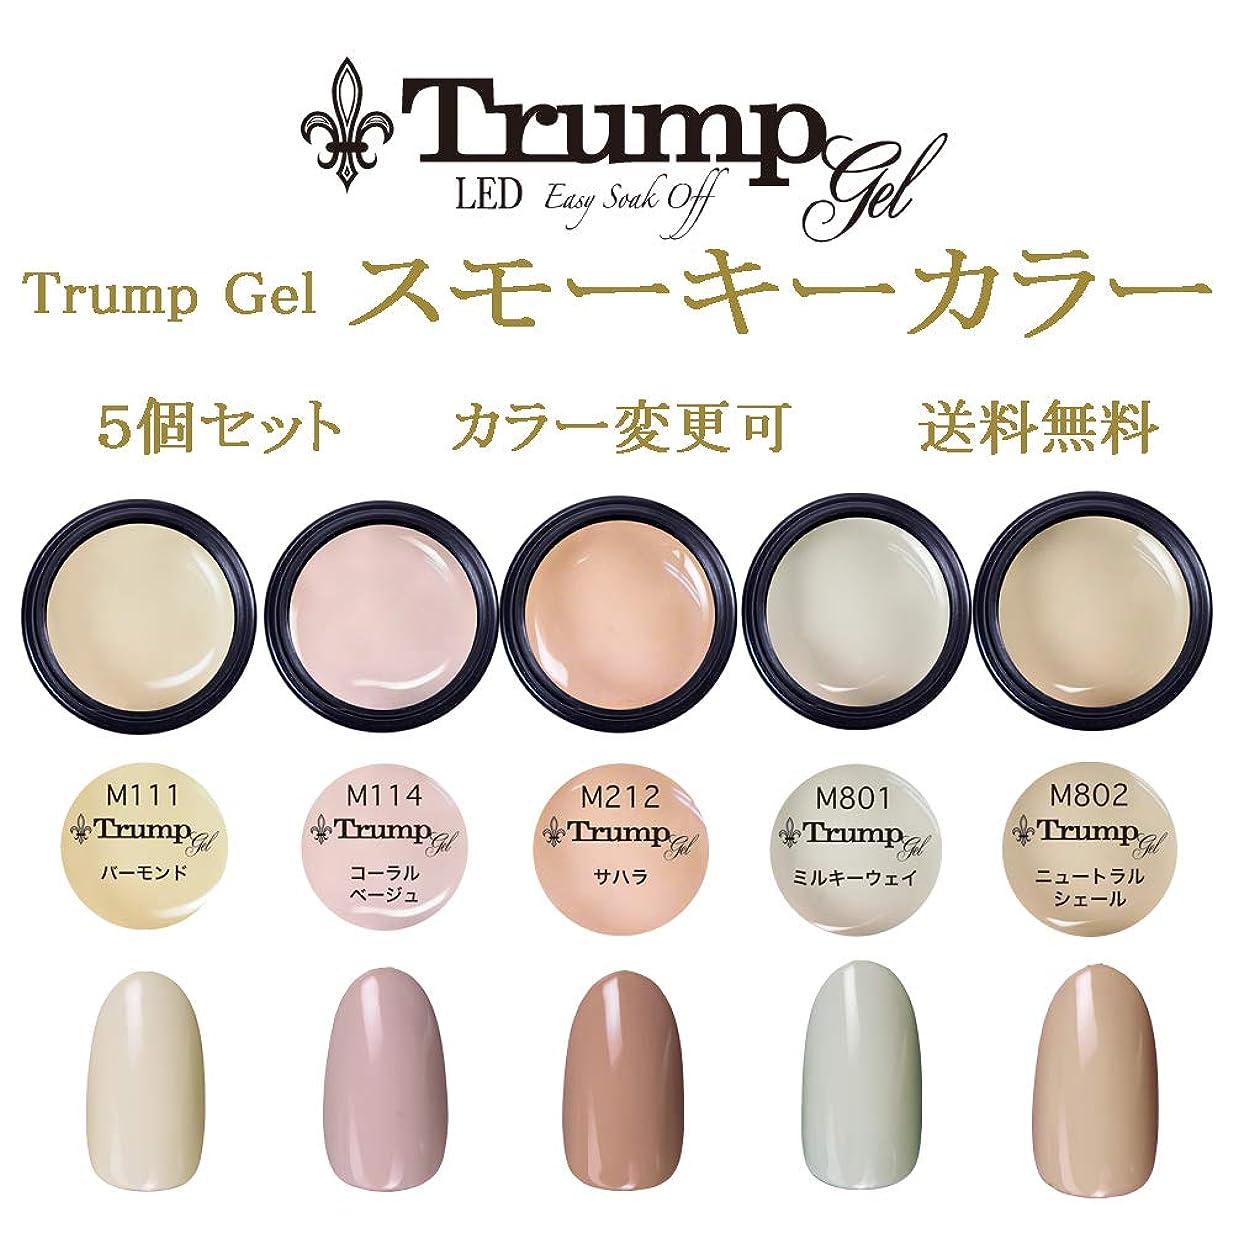 試してみる太平洋諸島さまよう日本製 Trump gel トランプジェル スモーキーカラー 選べる カラージェル 5個セット スモーク ベージュ グレー ブラウン ピンク